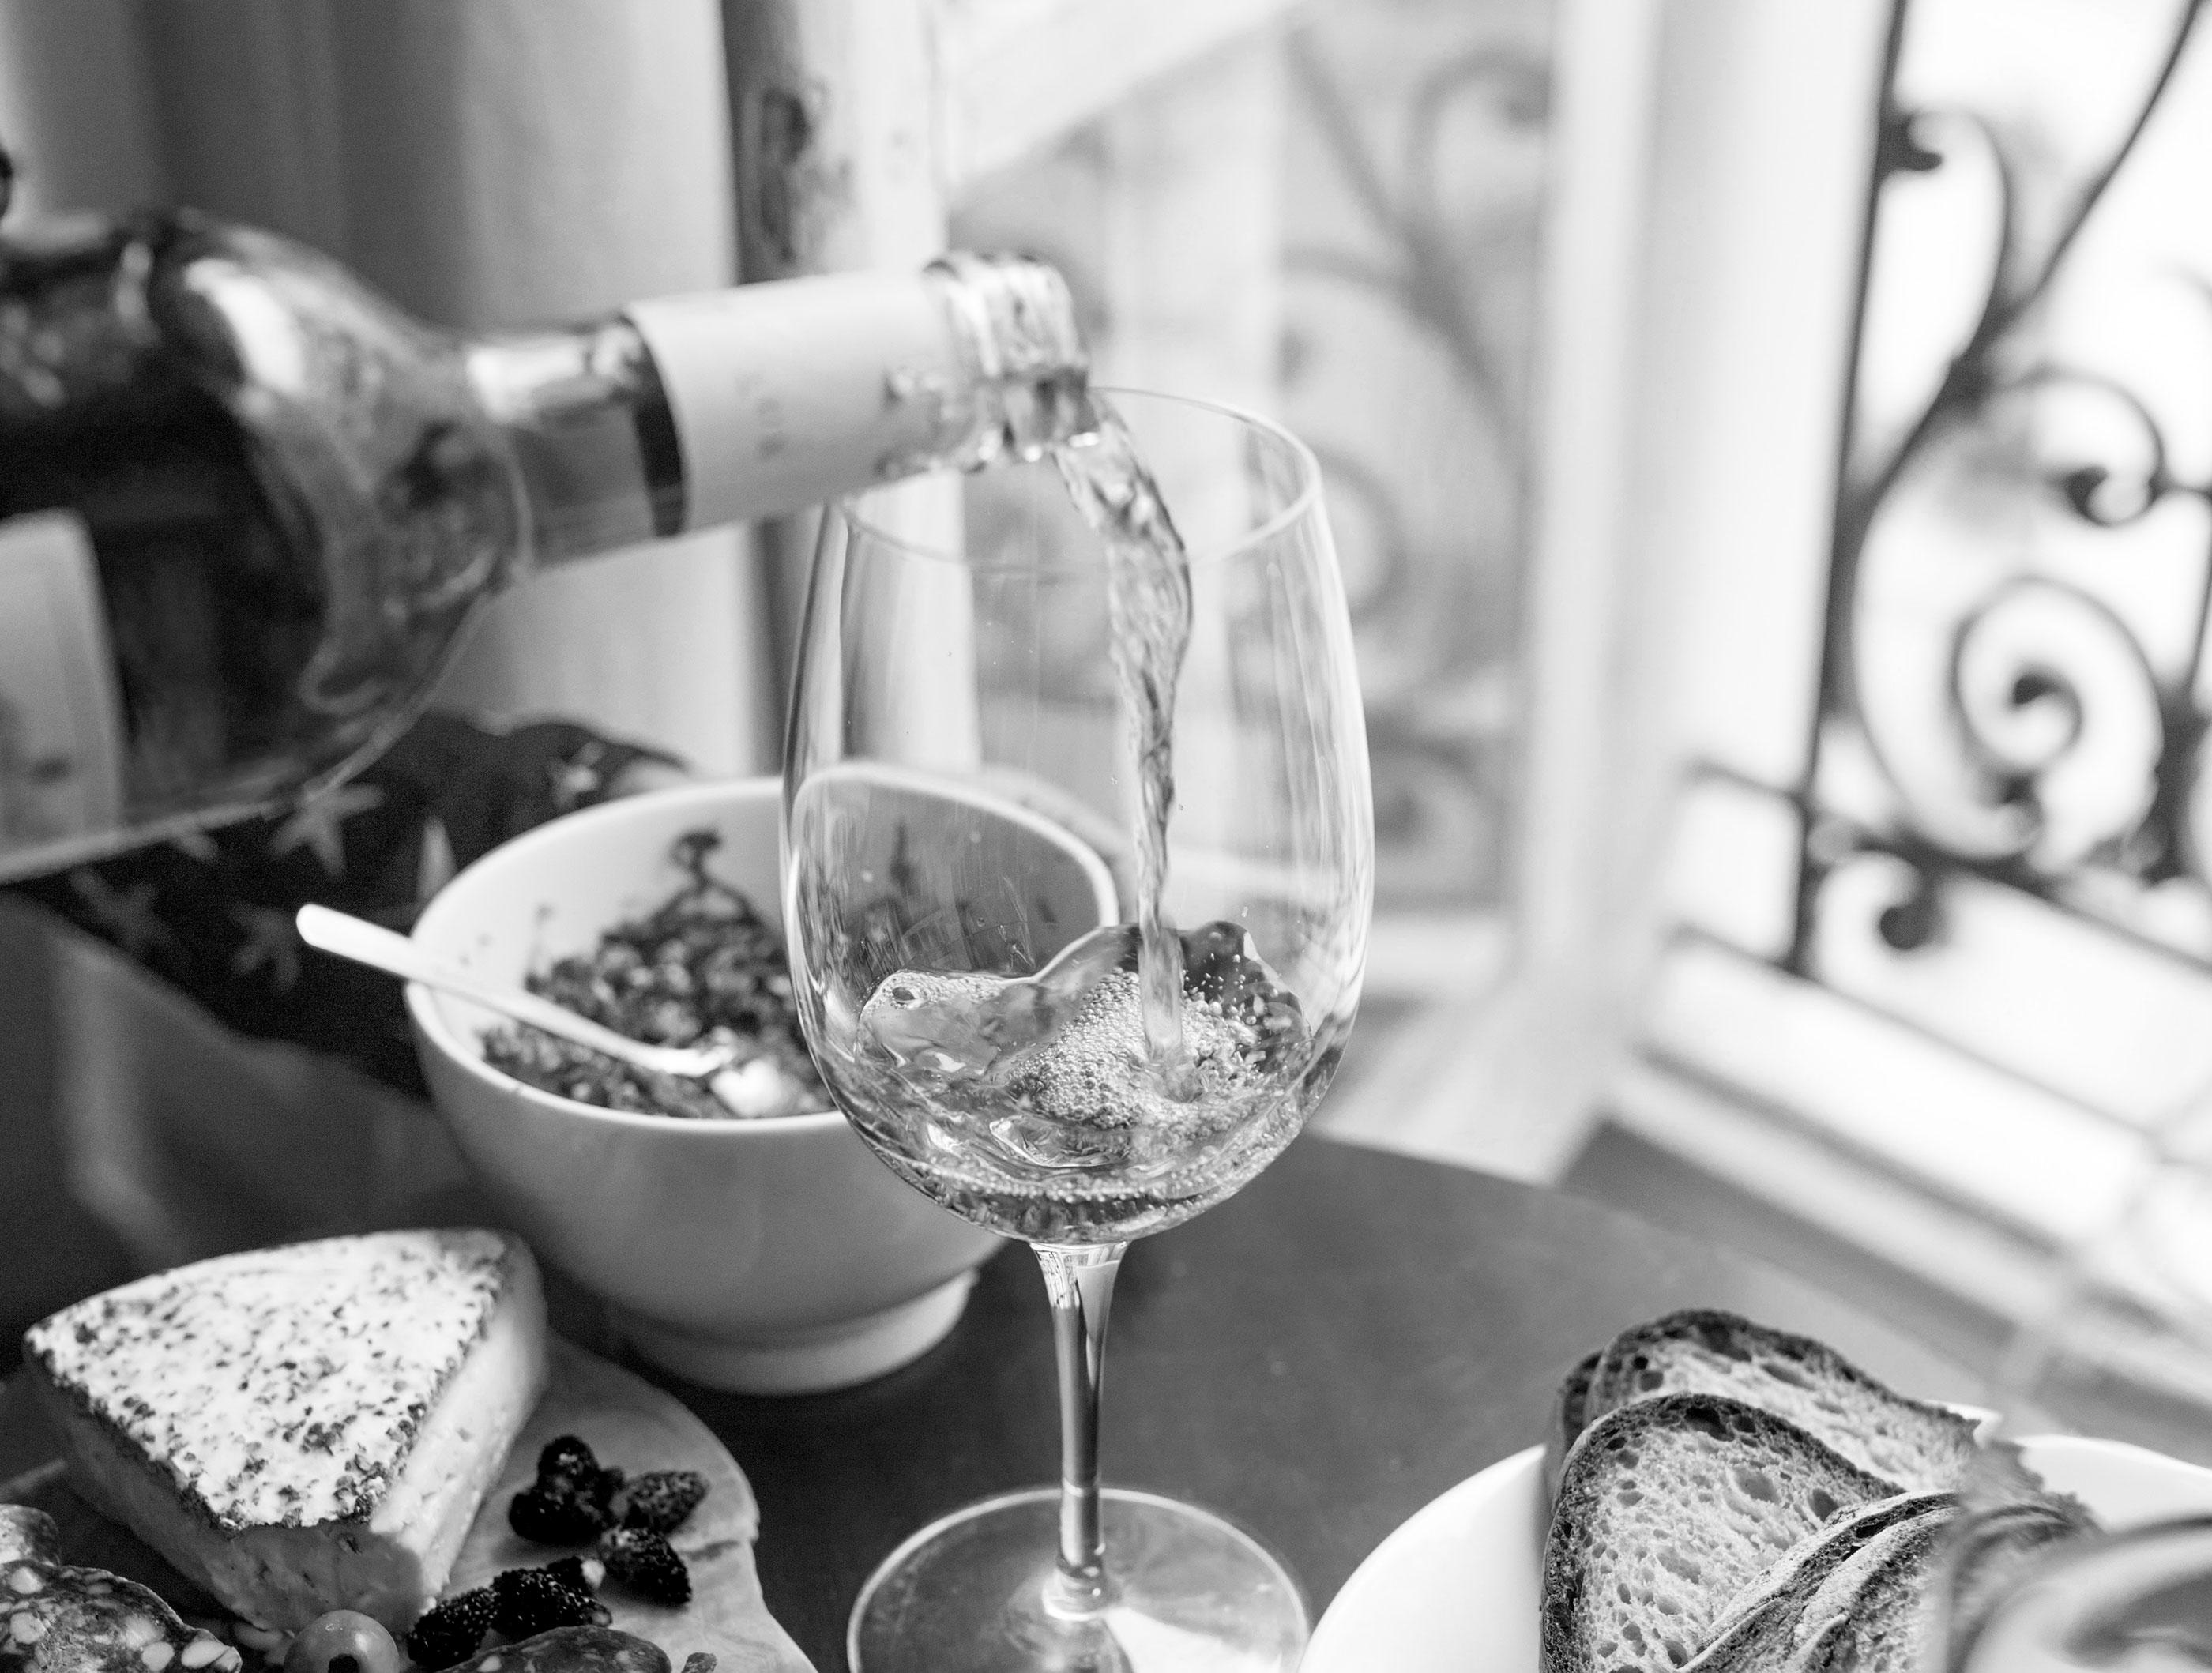 vino-privat-3